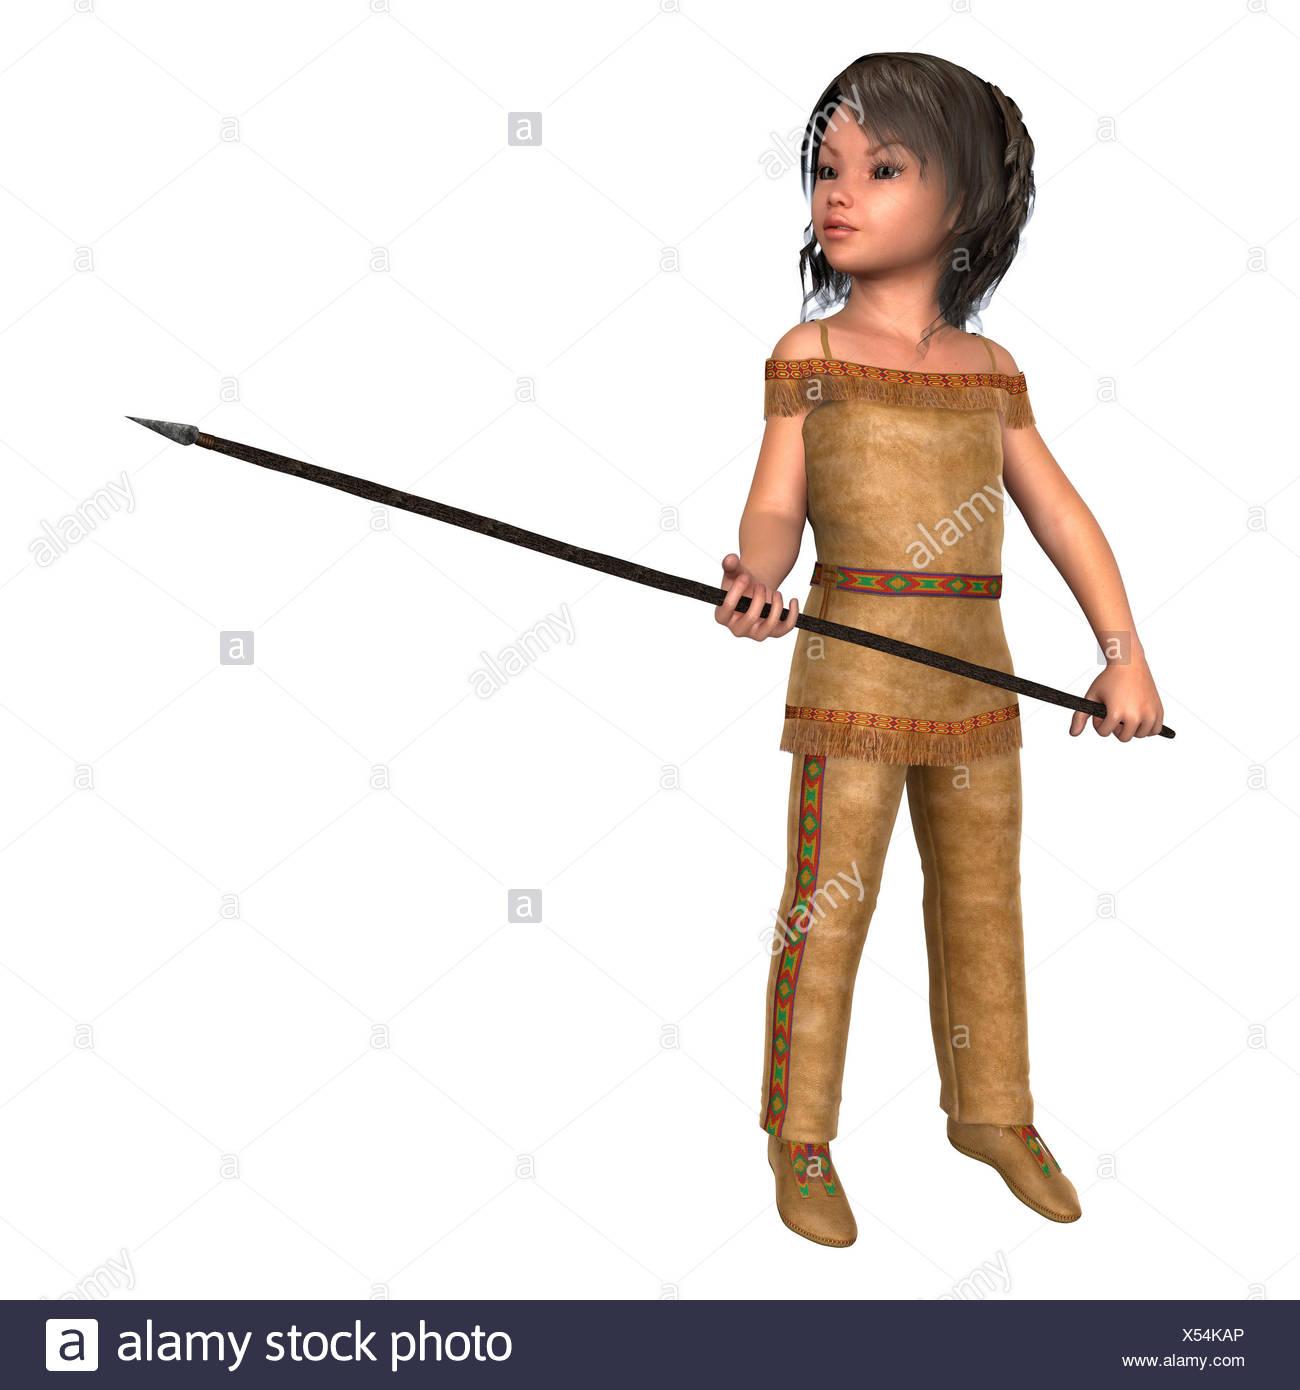 Digital 3D Render de una linda niña en un traje de indiana sosteniendo una  lanza aislado sobre fondo blanco. 4b2164152cf